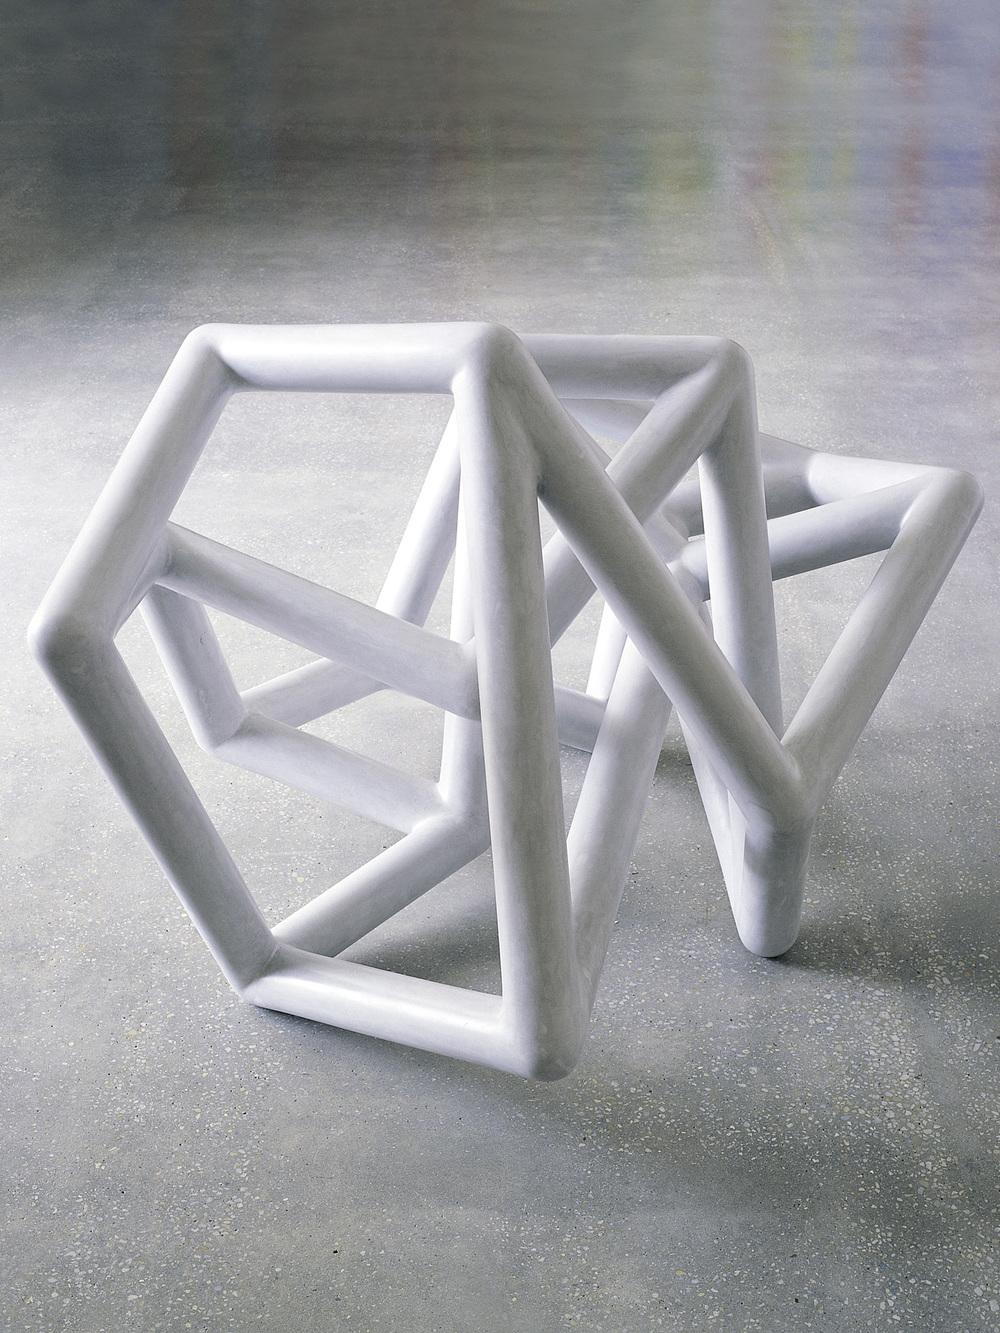 3-Symmetria-EC404-RO-020-RGB-1500px.jpg